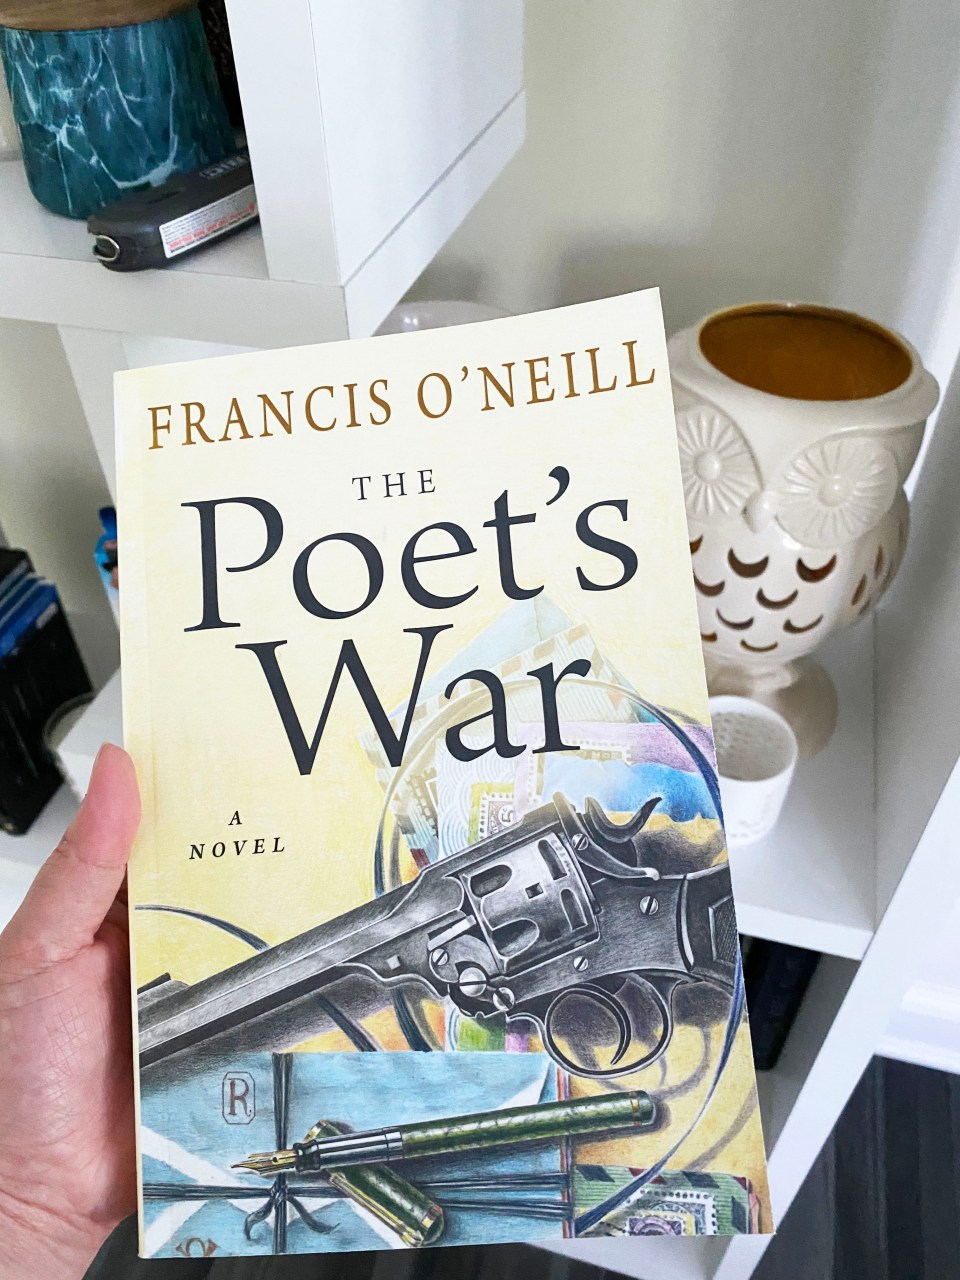 The Poet's War